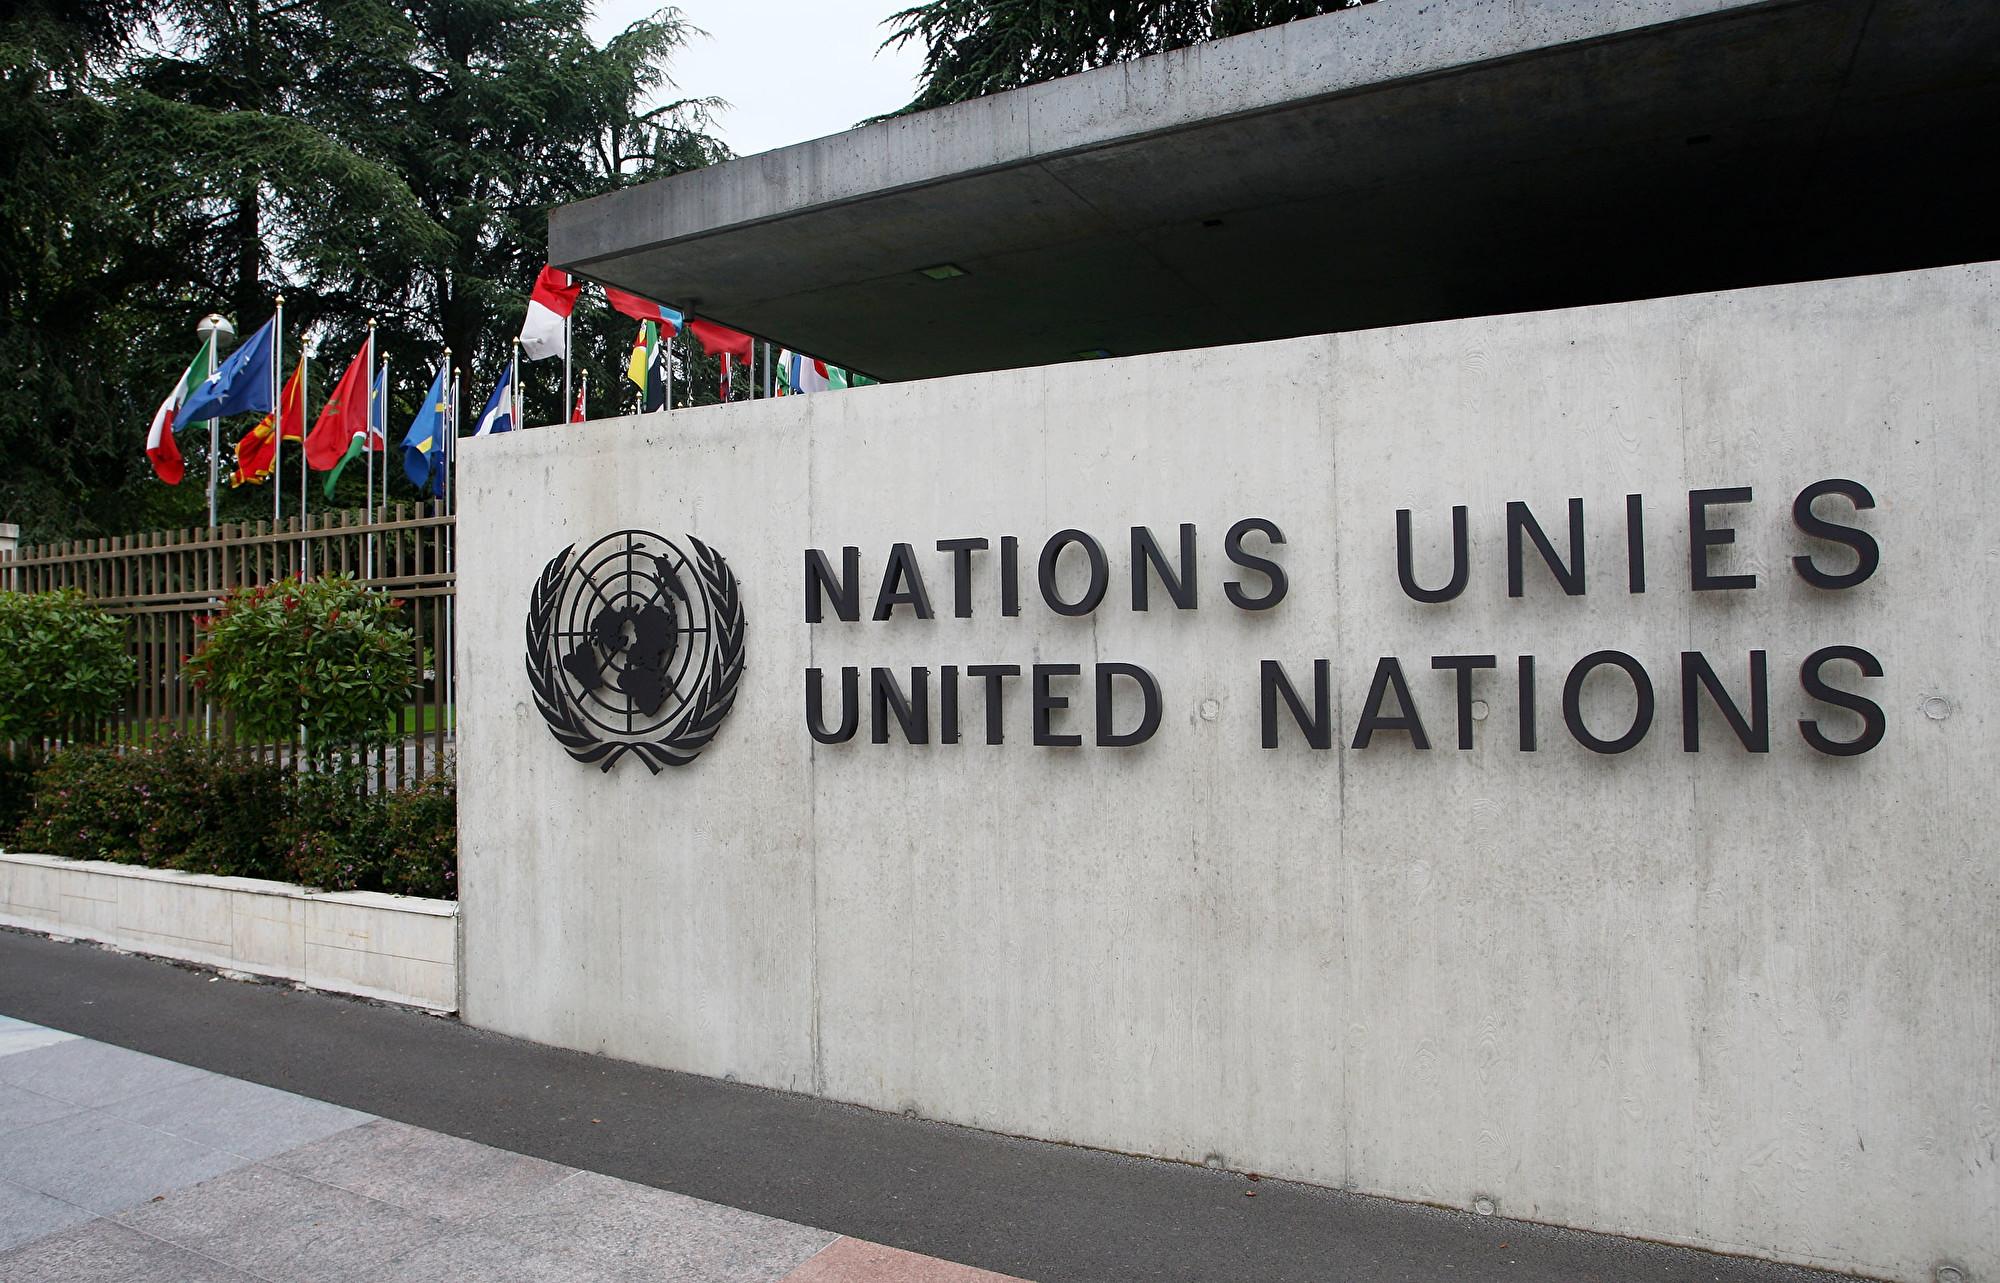 中共借聯合國決議推廣虛假陳述 美國反擊